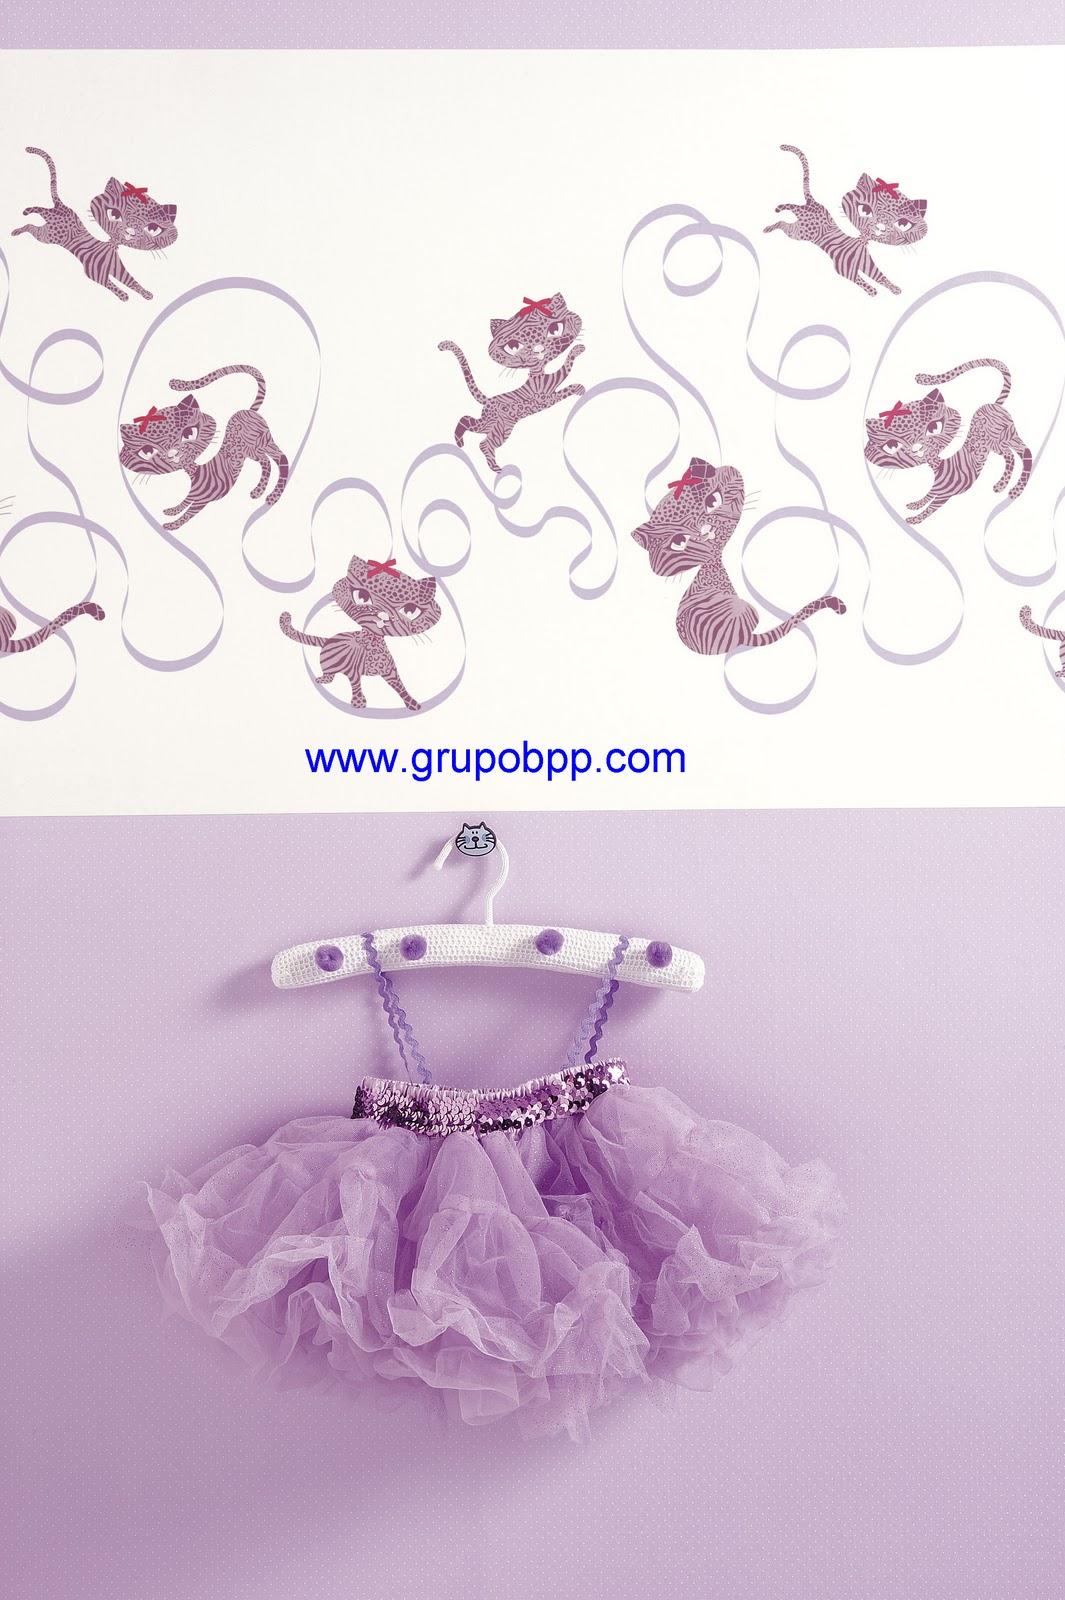 Boutique papel pintado noviembre 2011 - Friso de papel ...